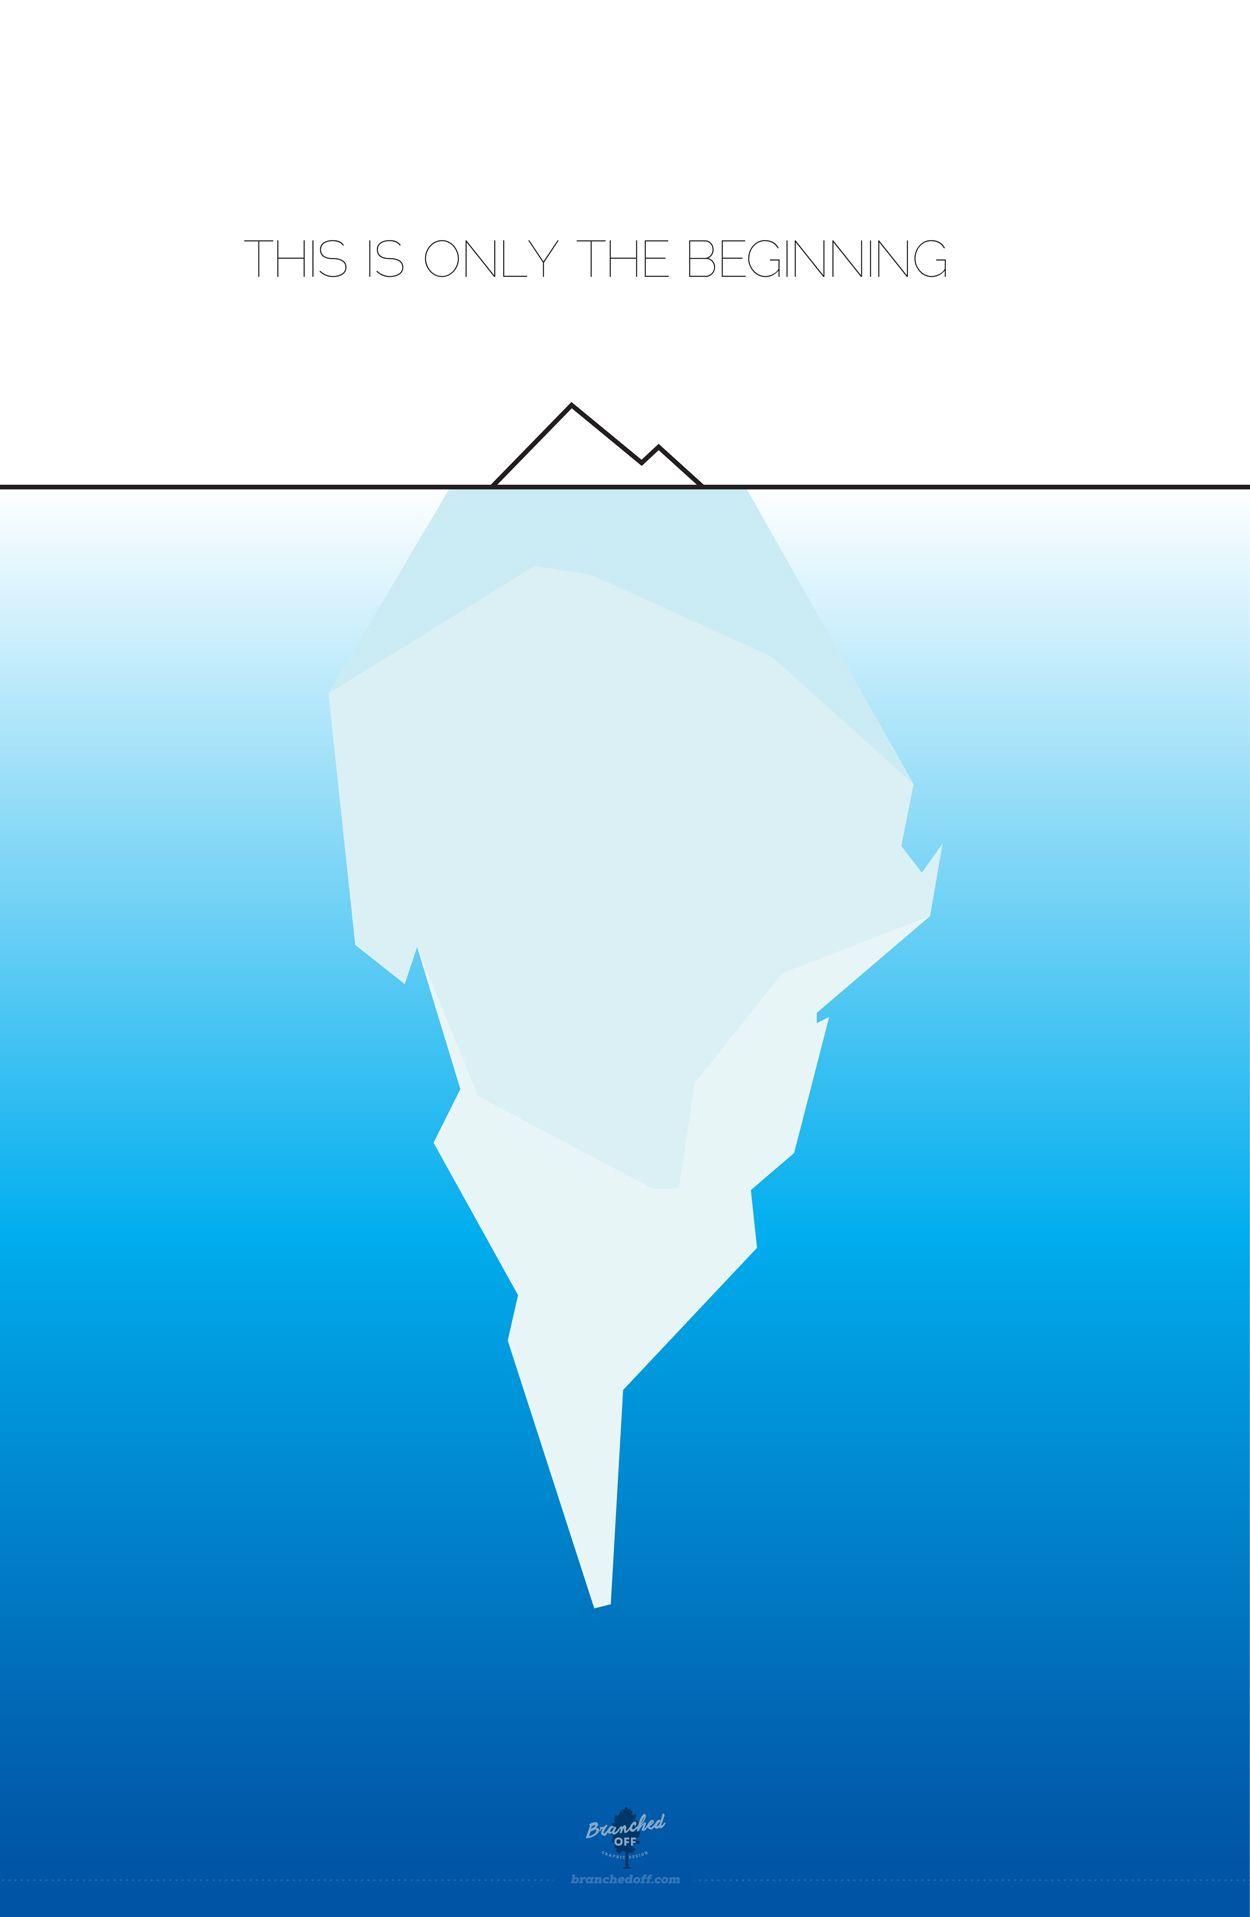 iceberg design poster branched off tip of the iceberg. Black Bedroom Furniture Sets. Home Design Ideas